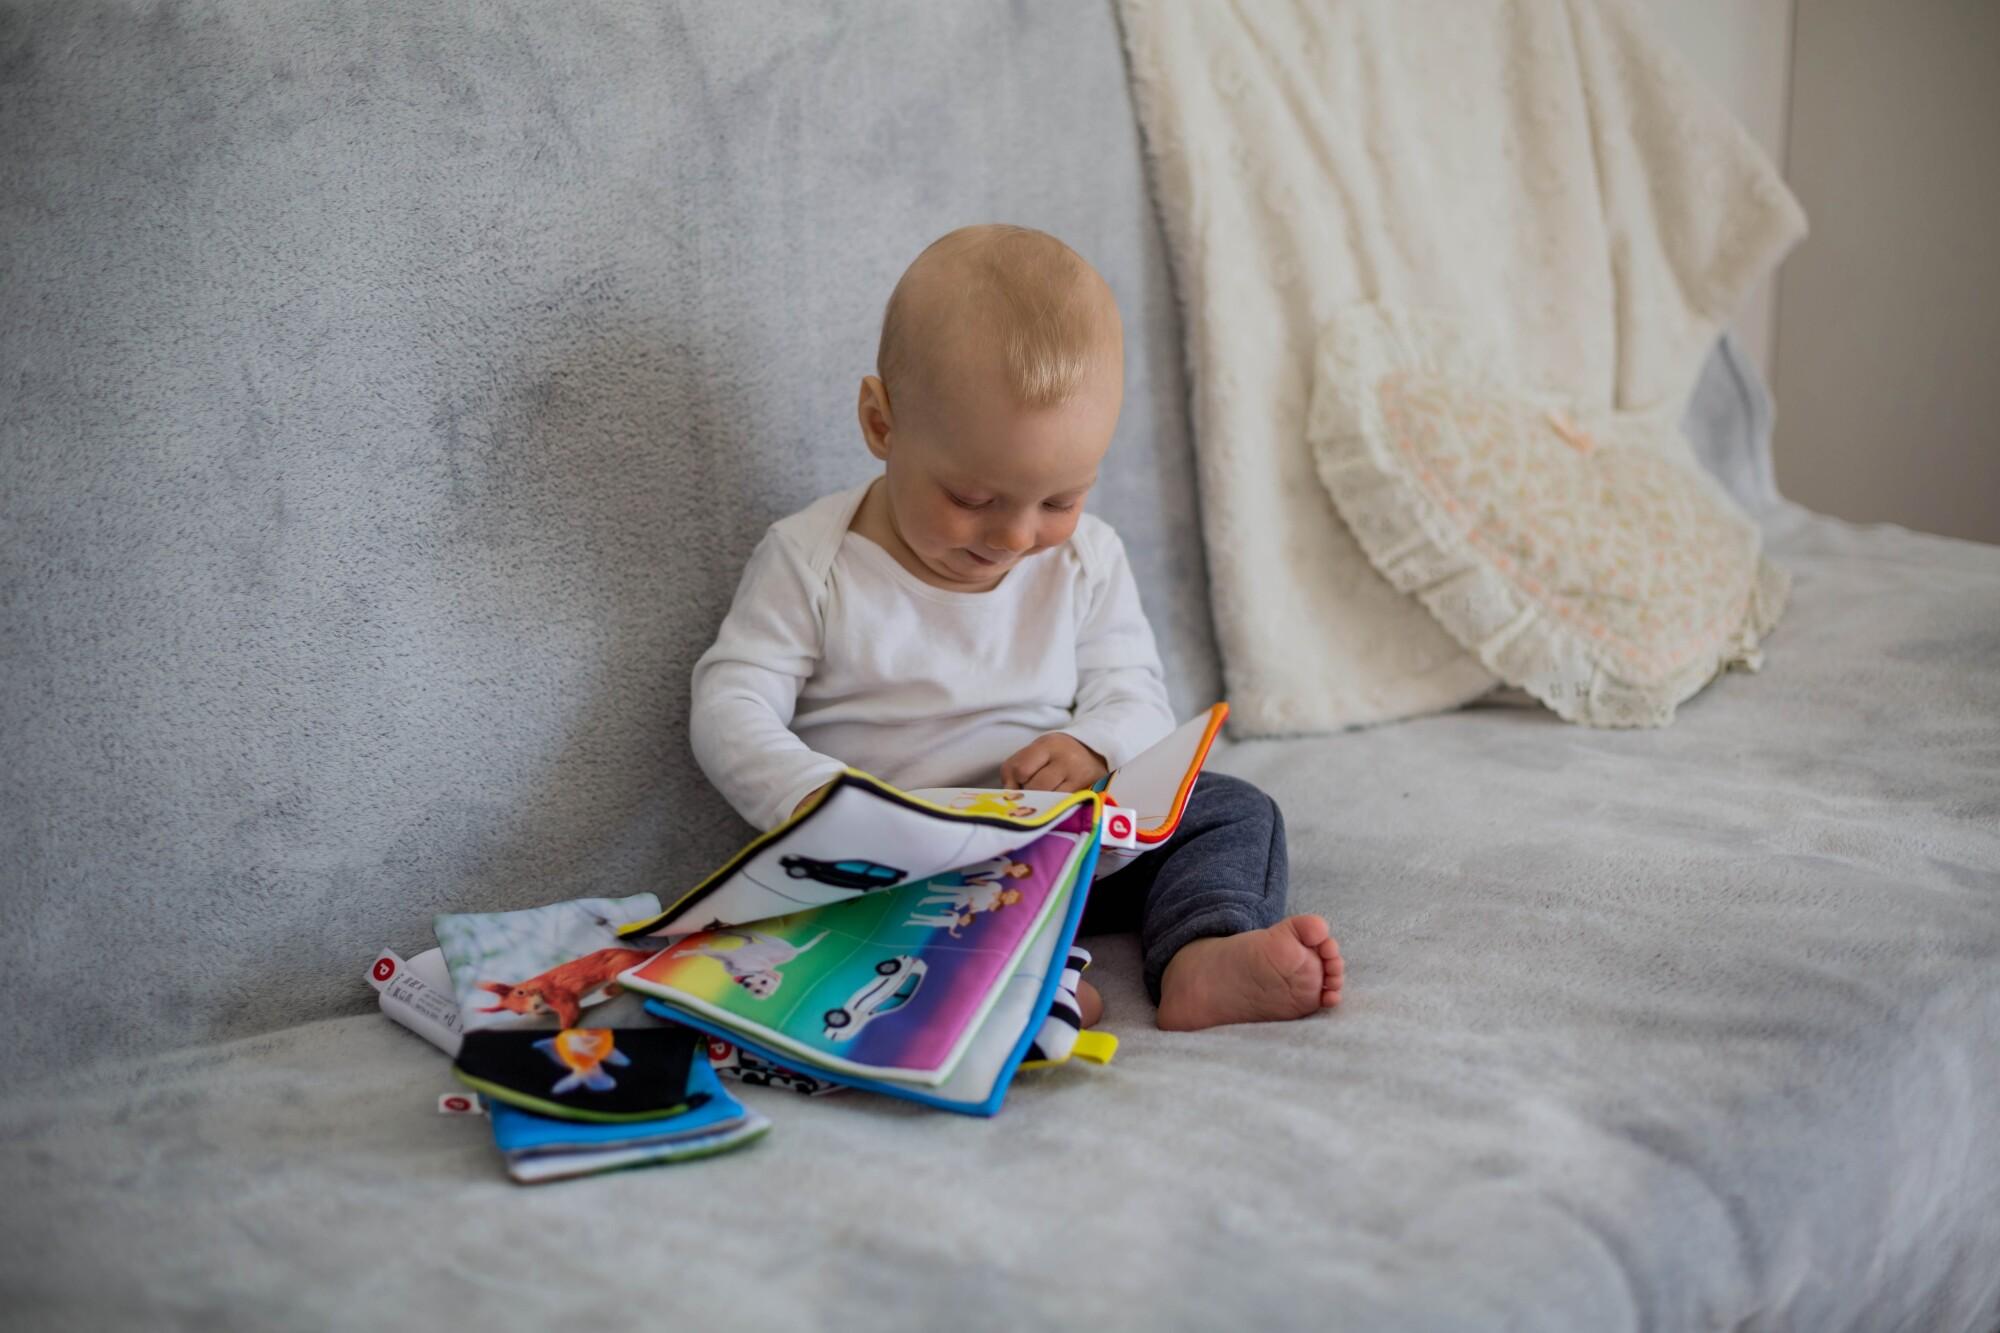 babies learn